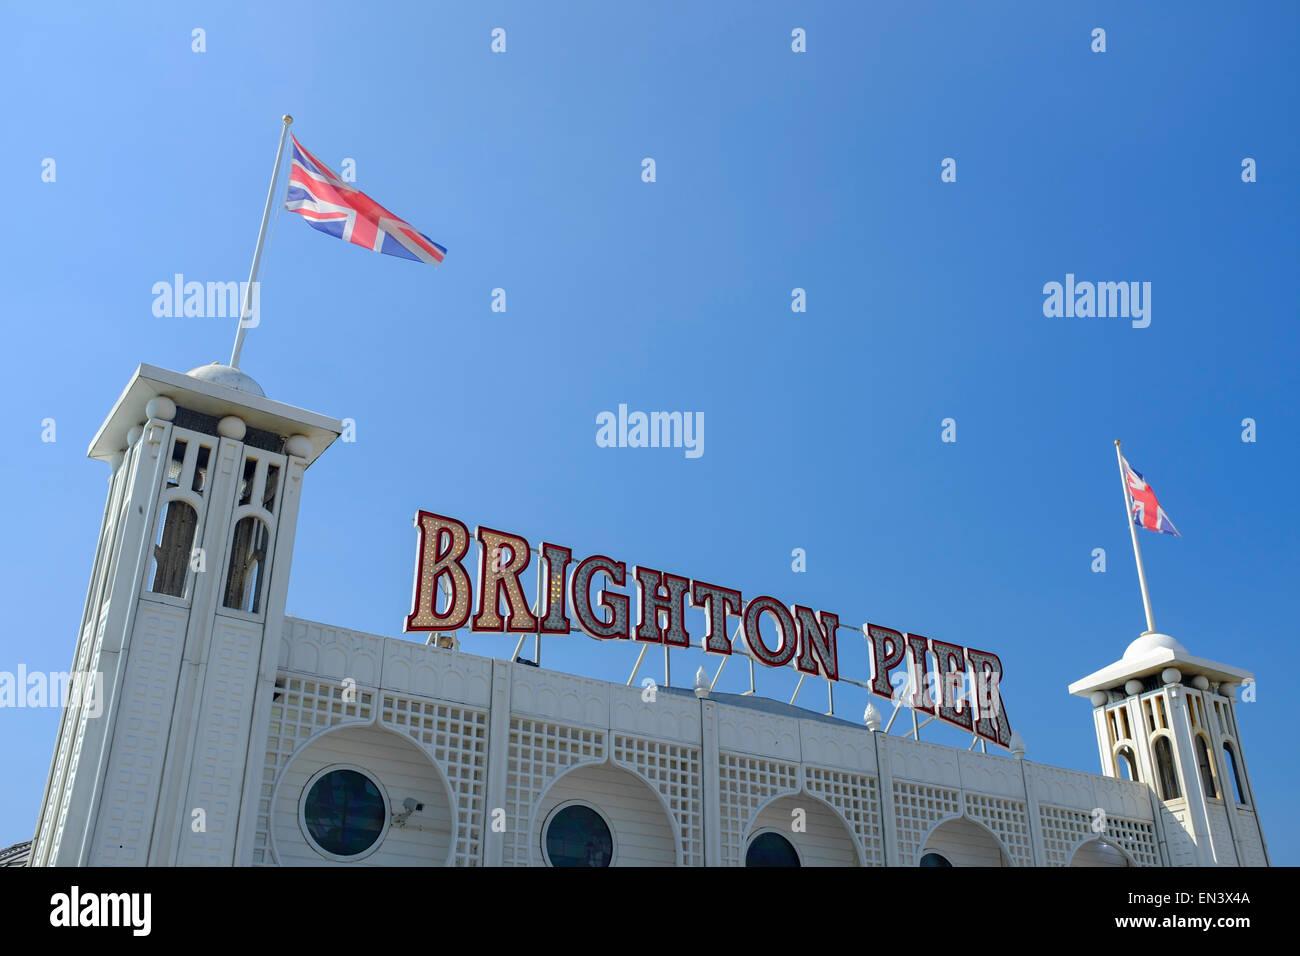 La jetée de Brighton. Brighton, East Sussex, England, UK Banque D'Images